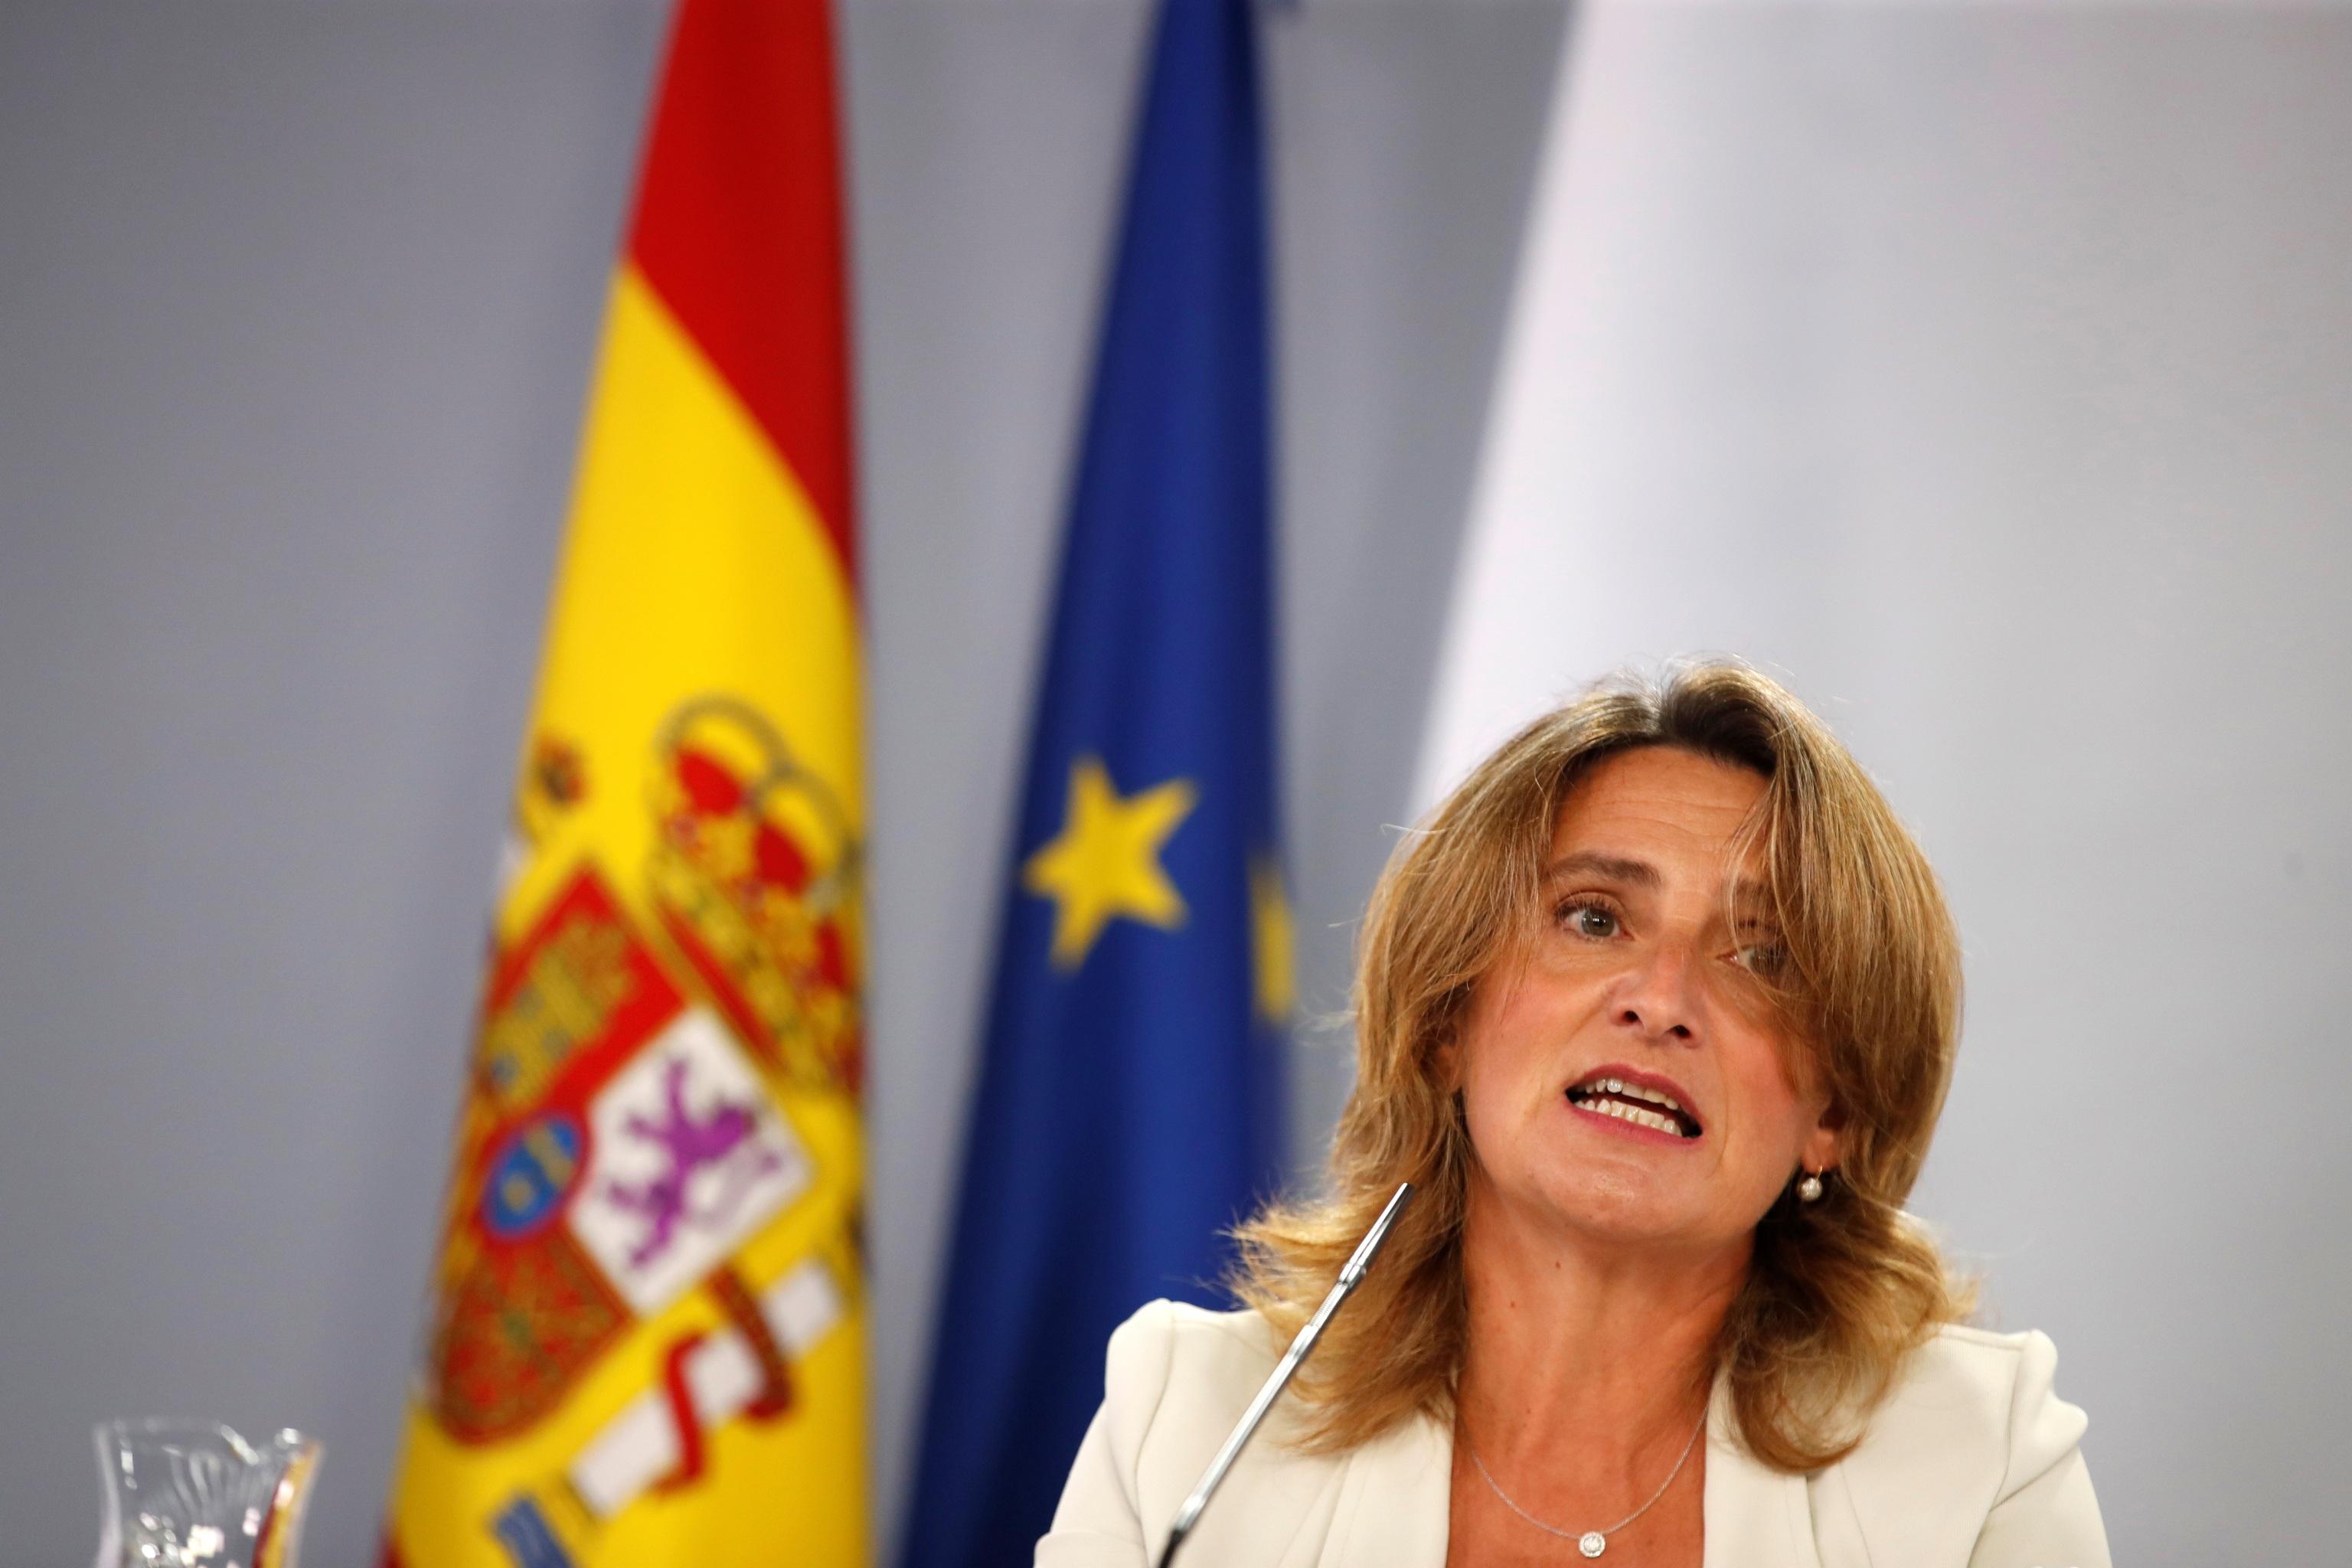 Teresa Ribera durante la rueda de prensa tras la reunión del Consejo de Ministros.